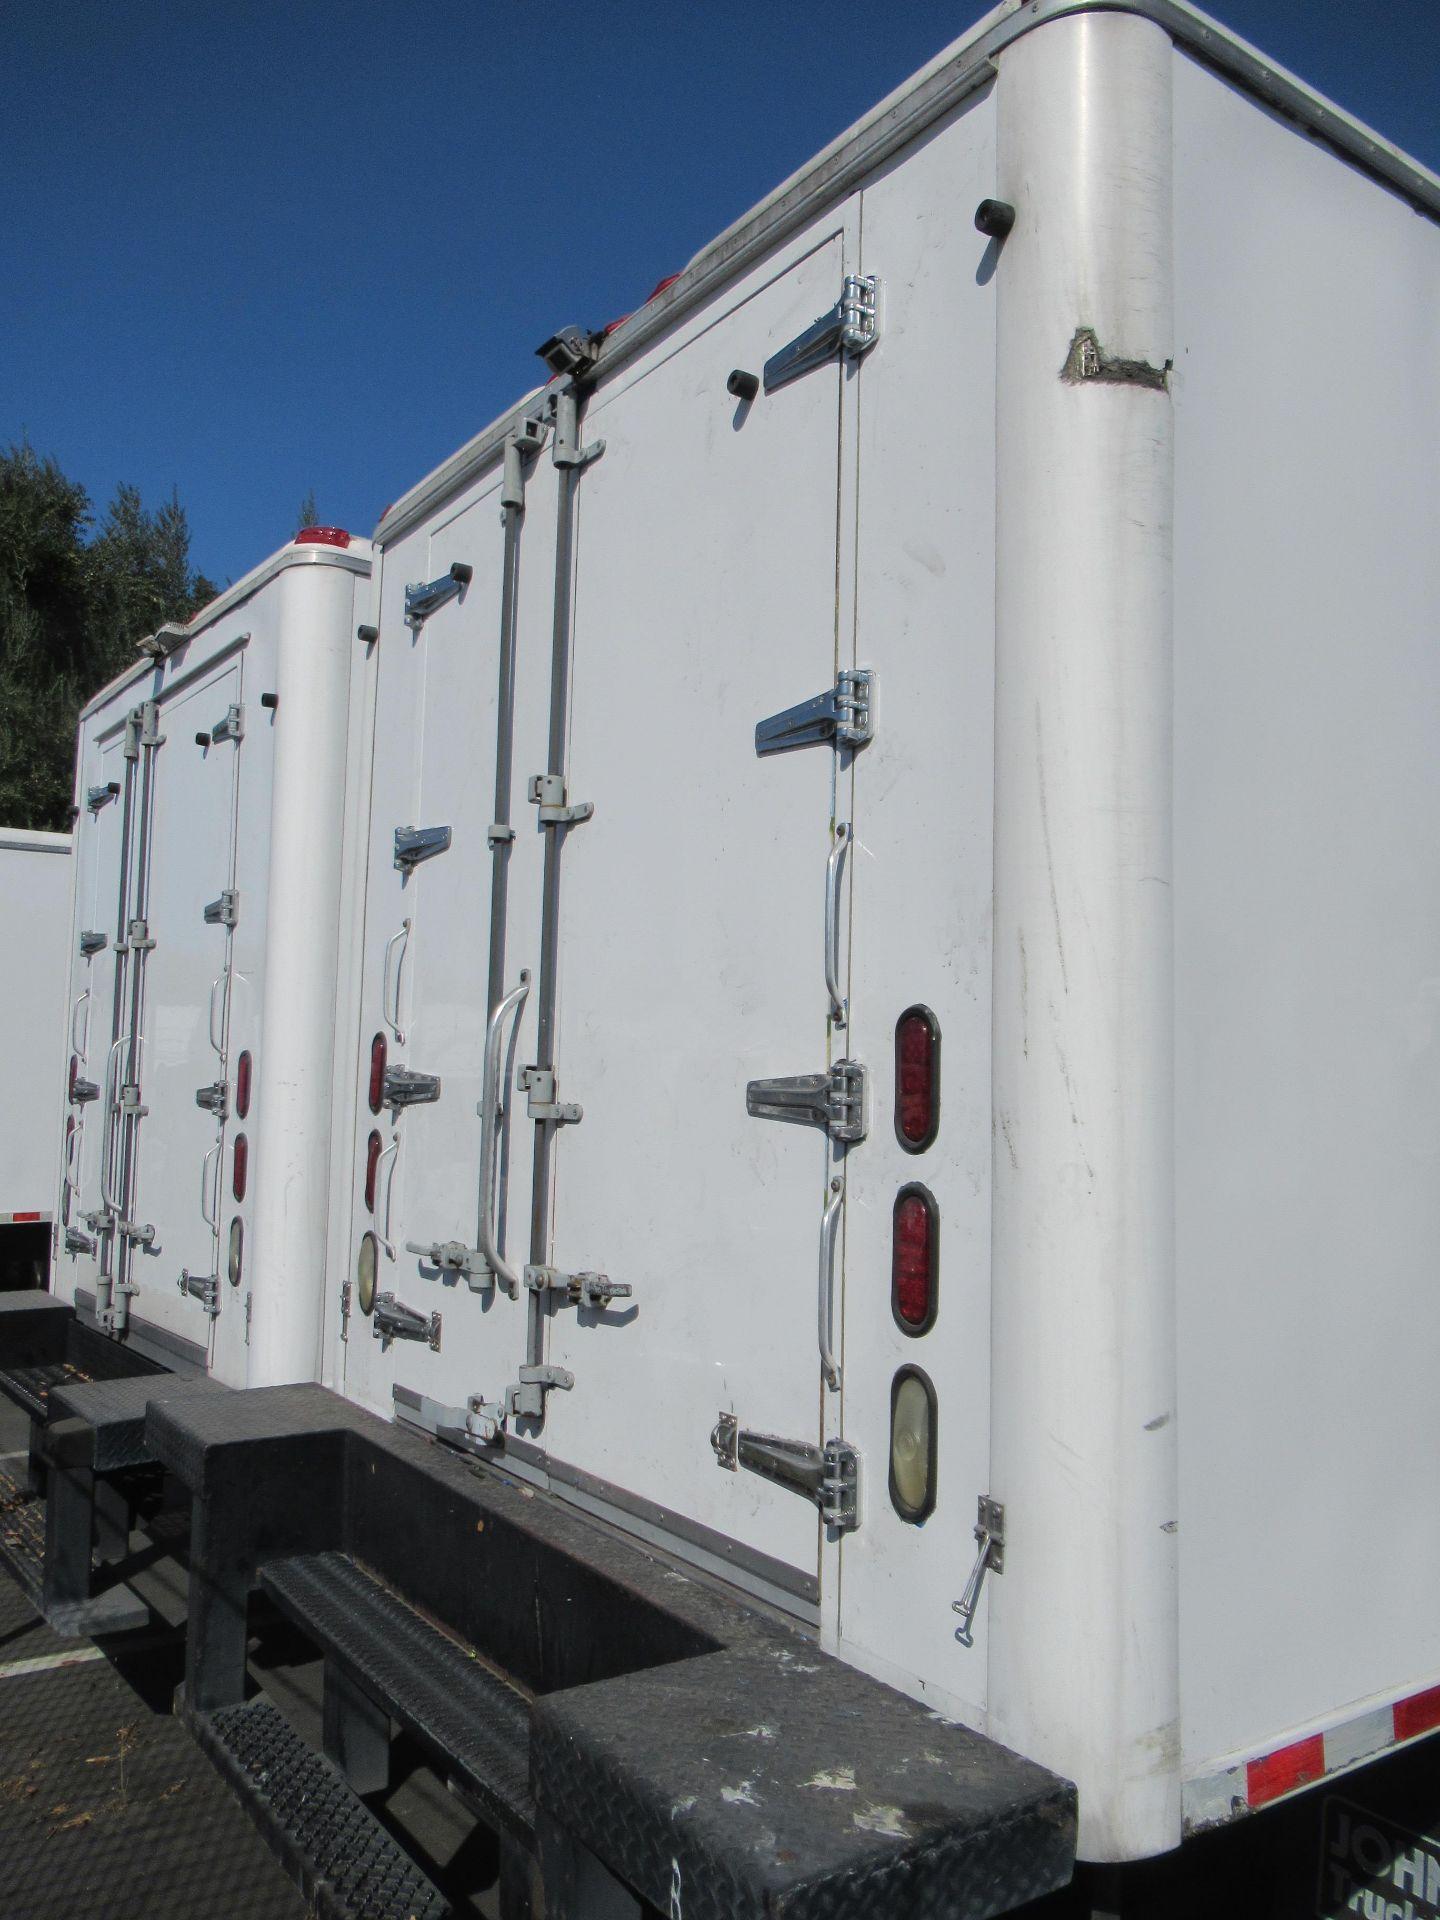 2013 Isuzu refrigerated truck - Image 5 of 10